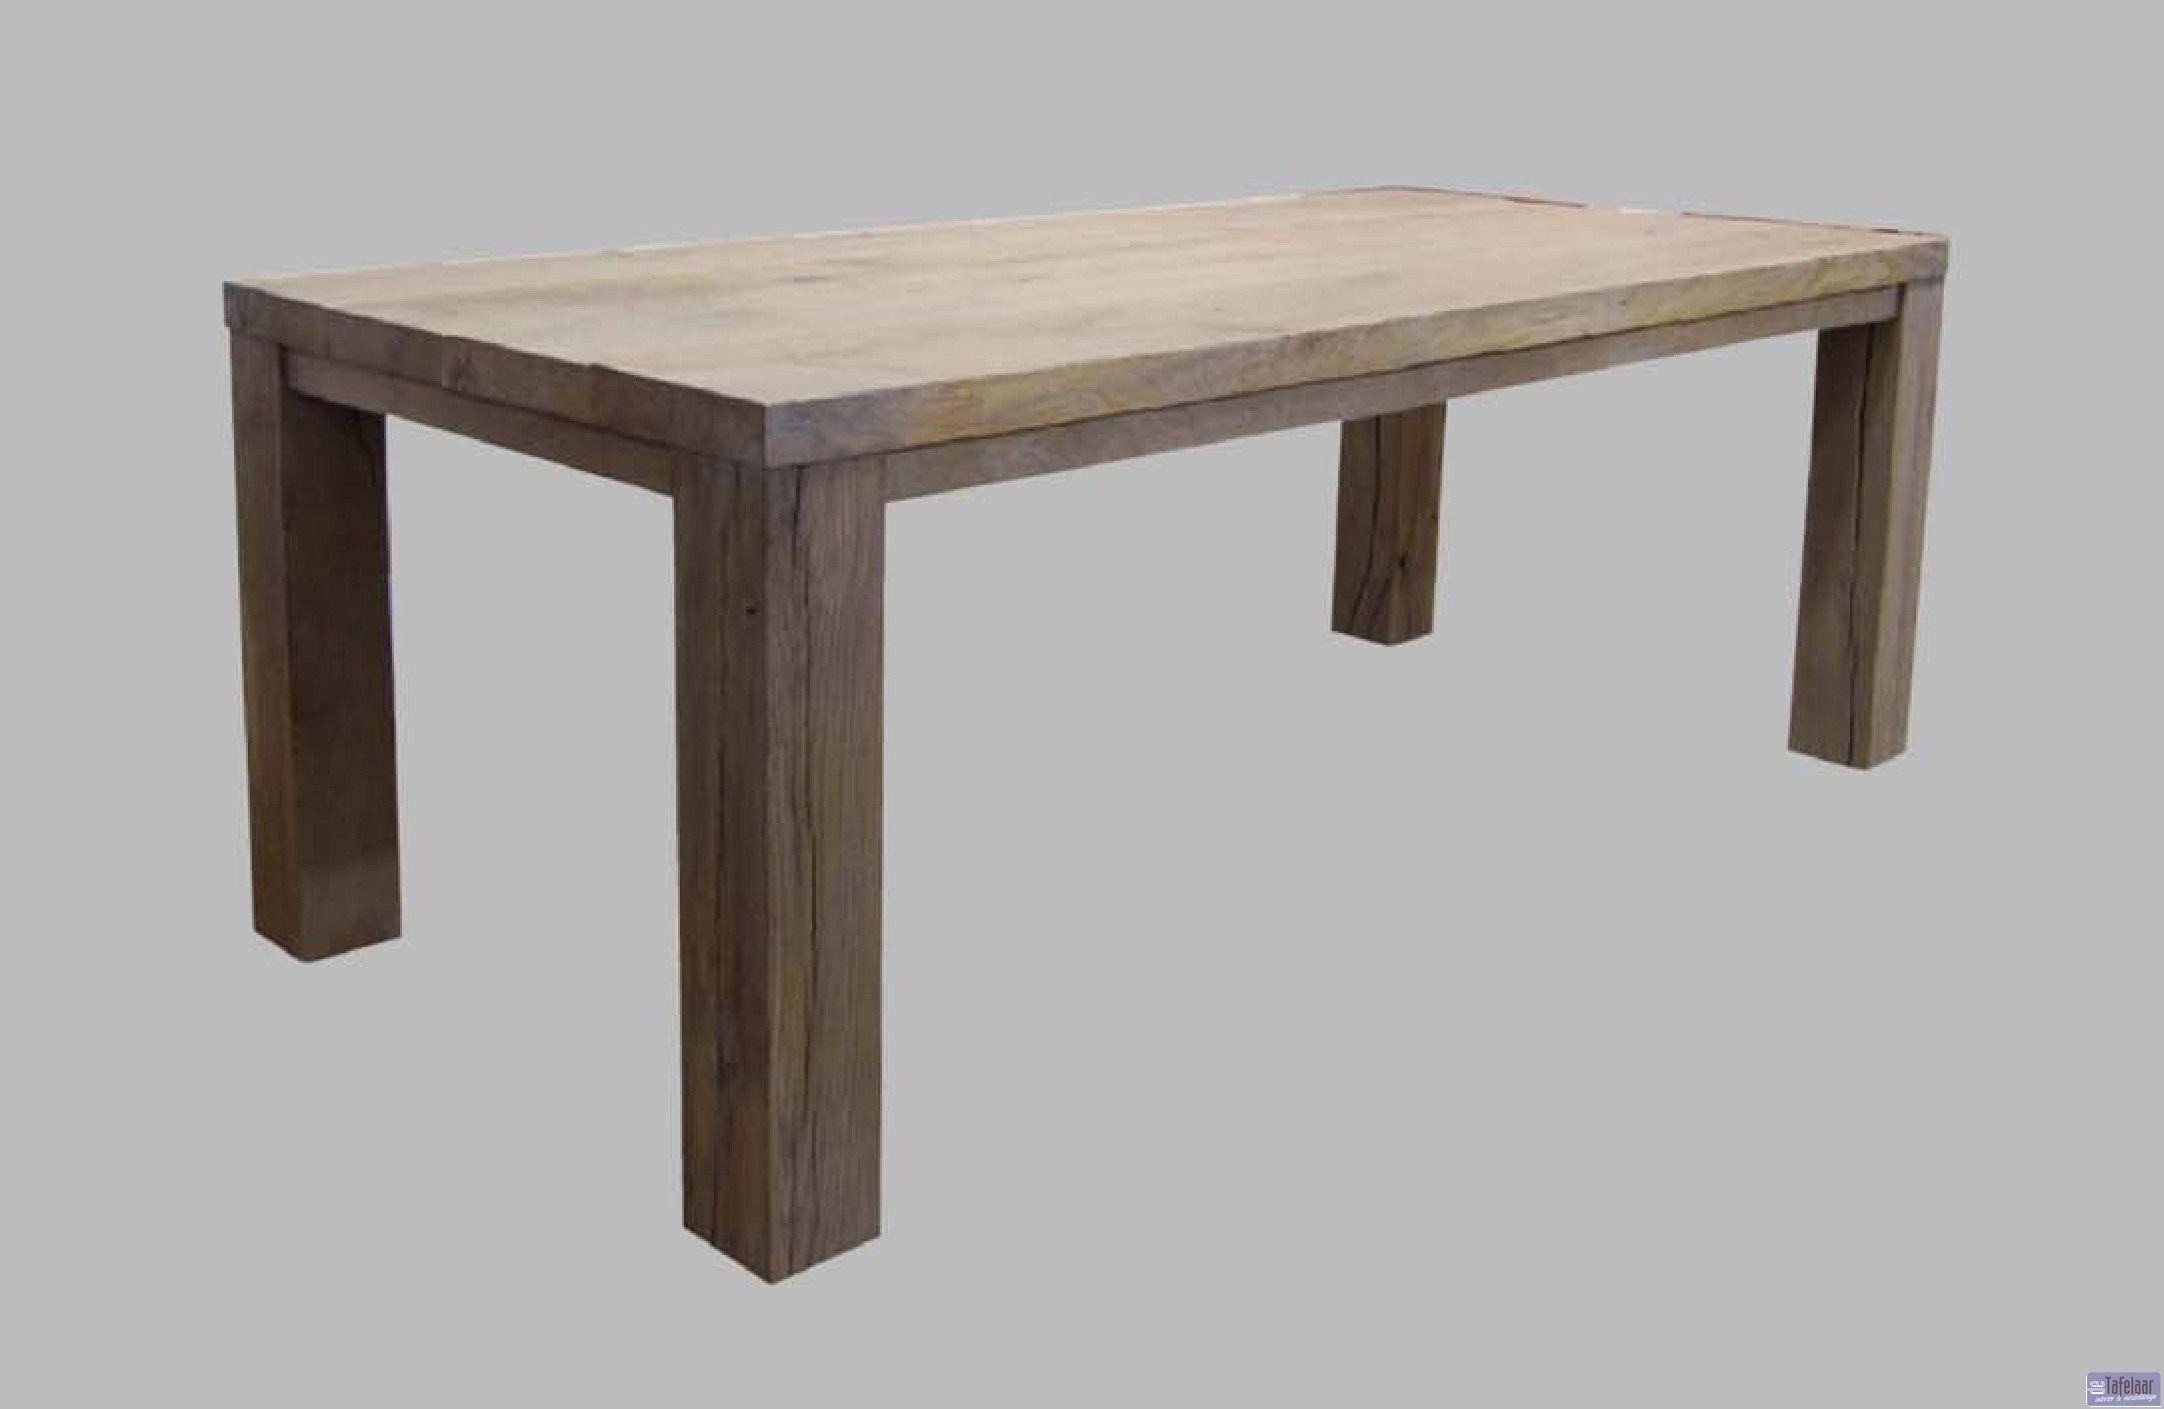 Teak tafel kleiner maken